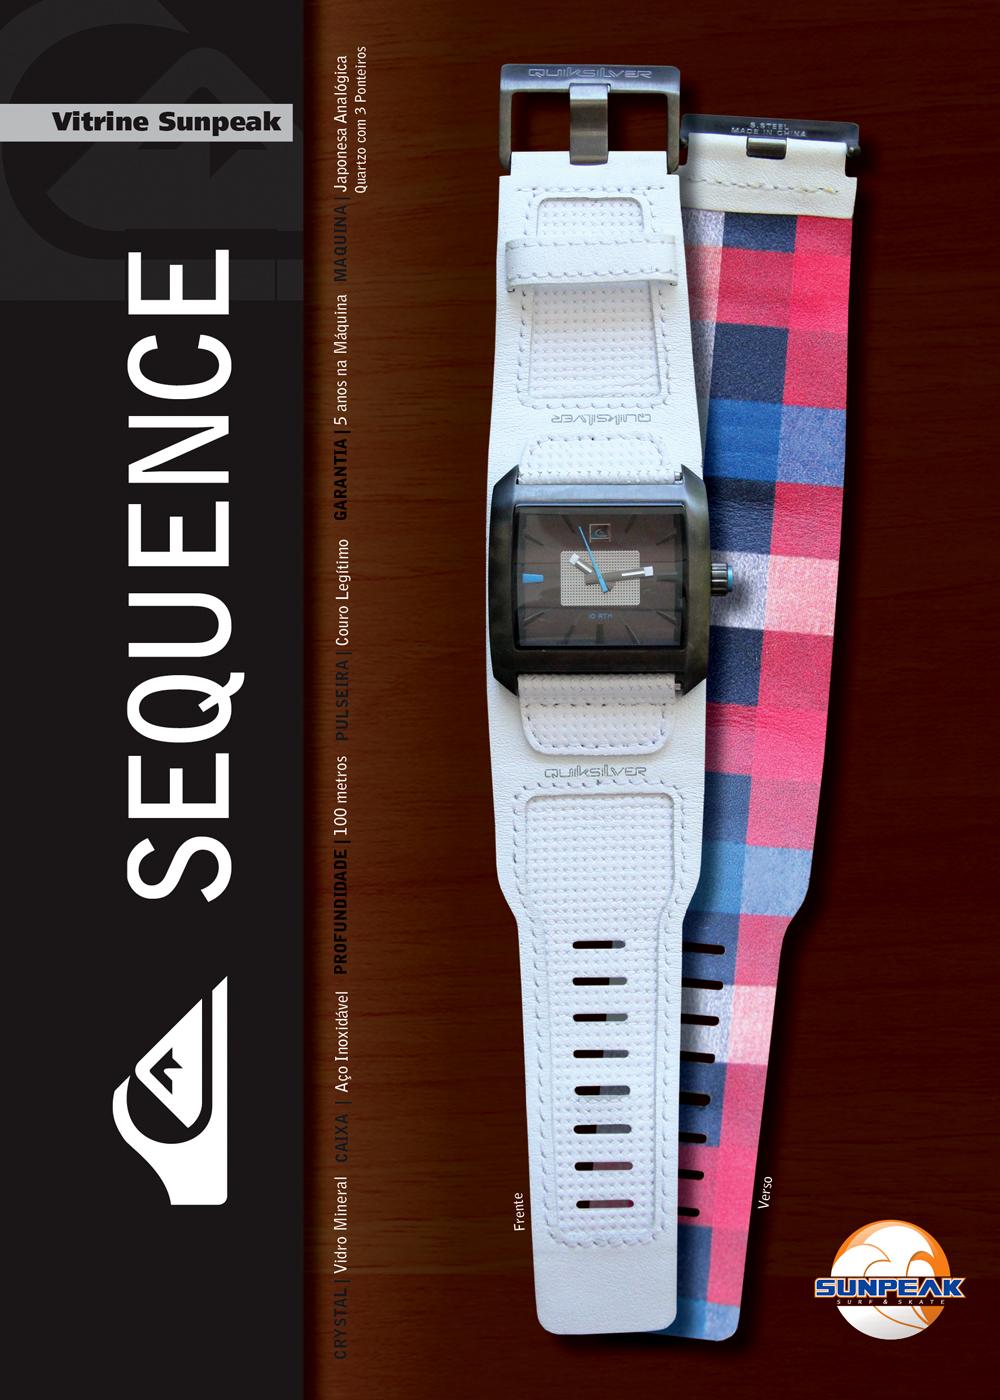 aee06b186c5bc Poderá também gostar de  Quiksilver Limited Edition. Lançamento Relógios  Quiksilver